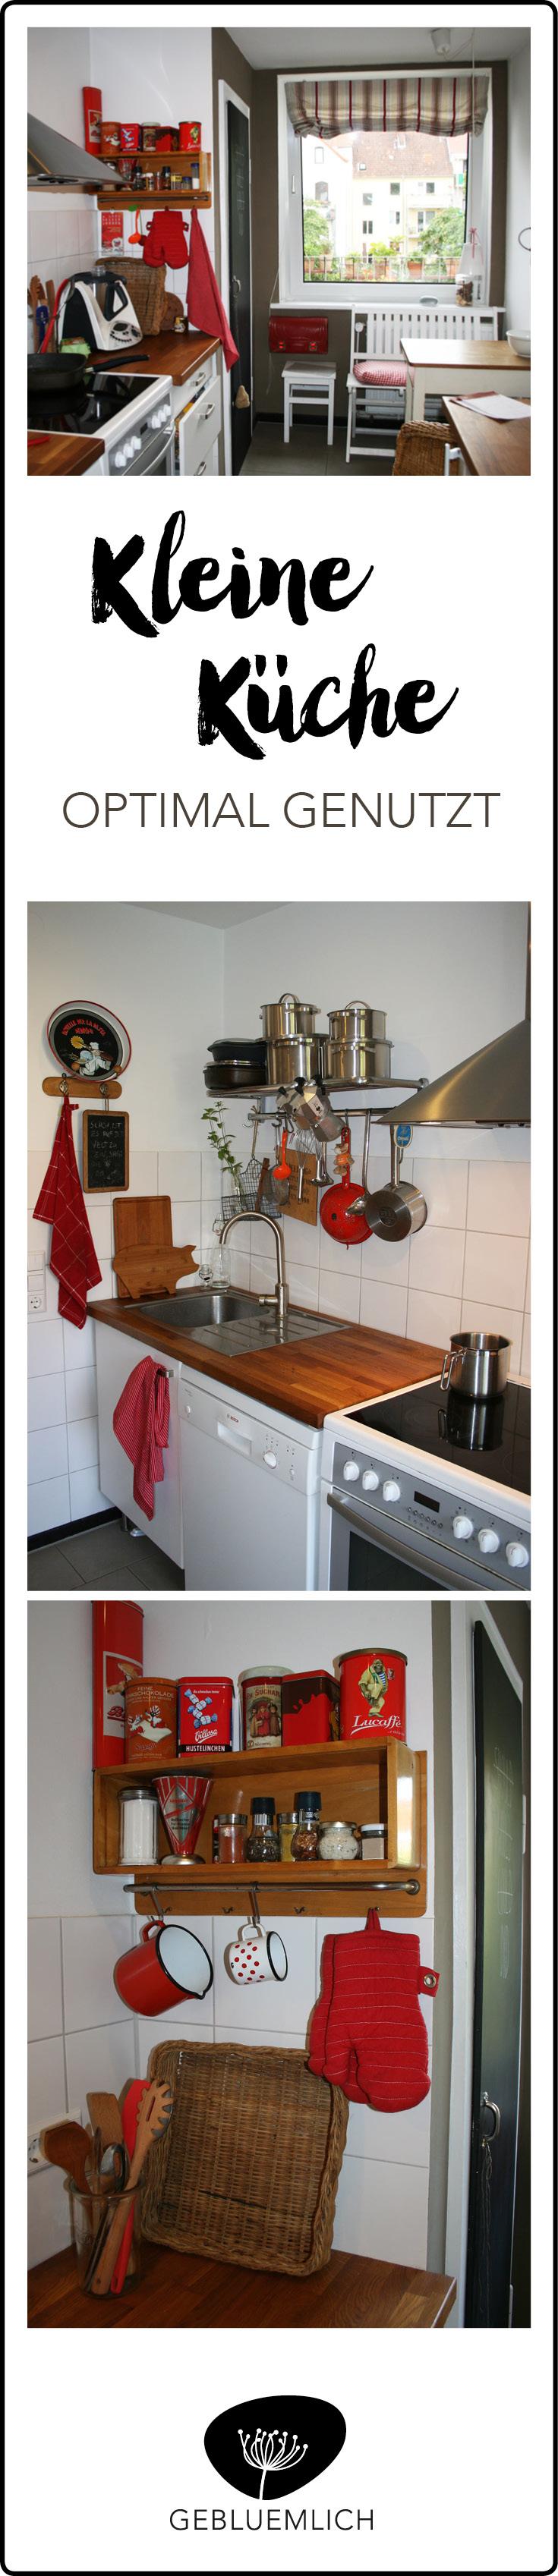 Kleine Küche optimal genutzt